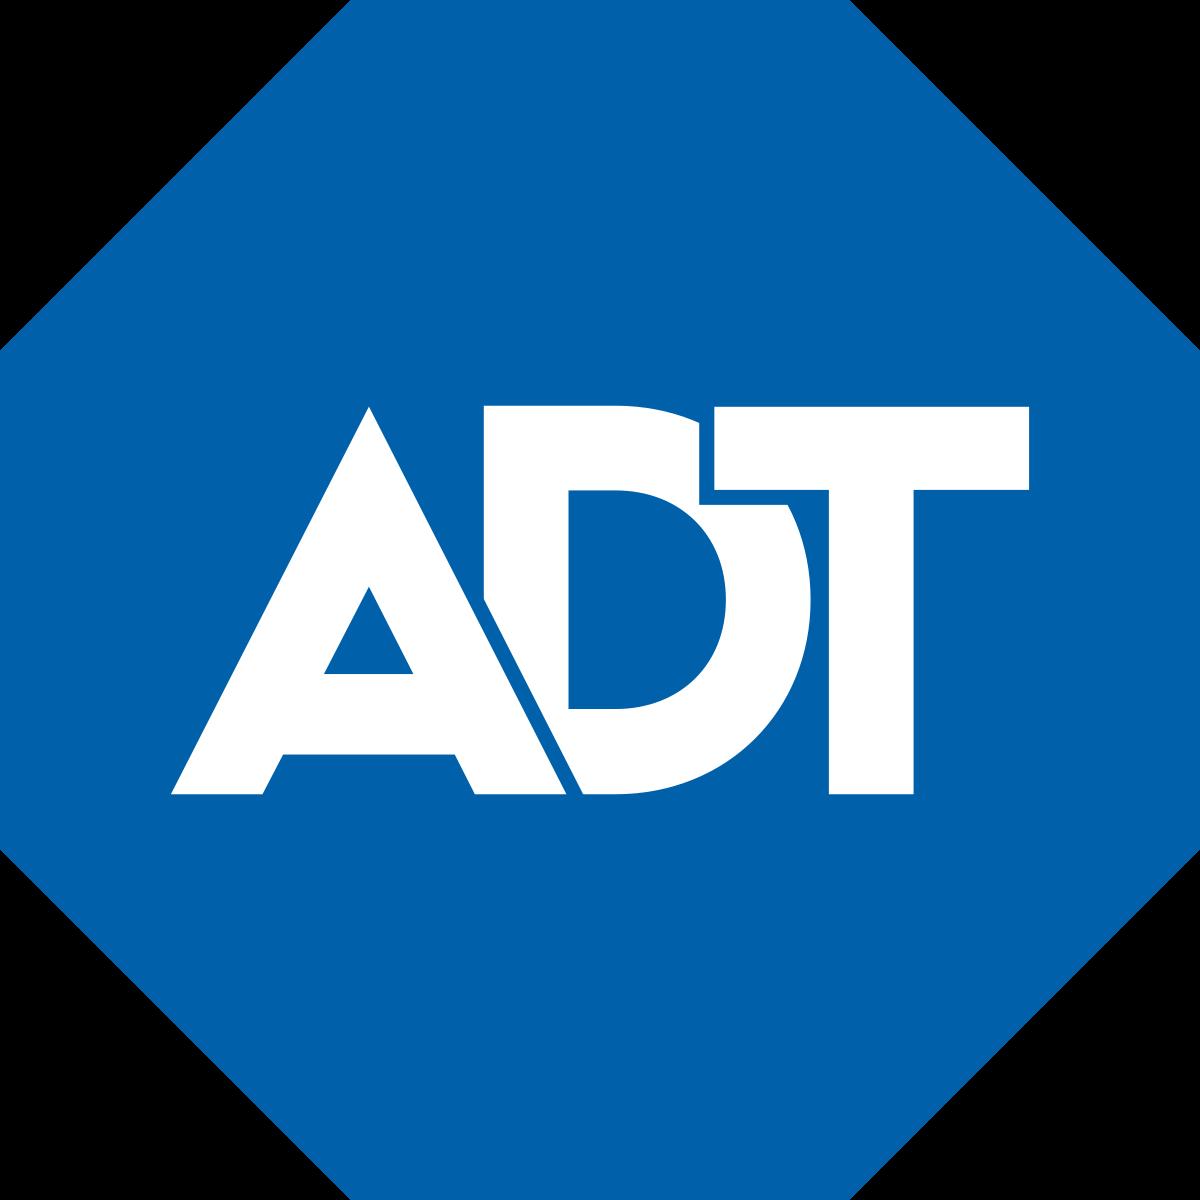 Logo for ADT